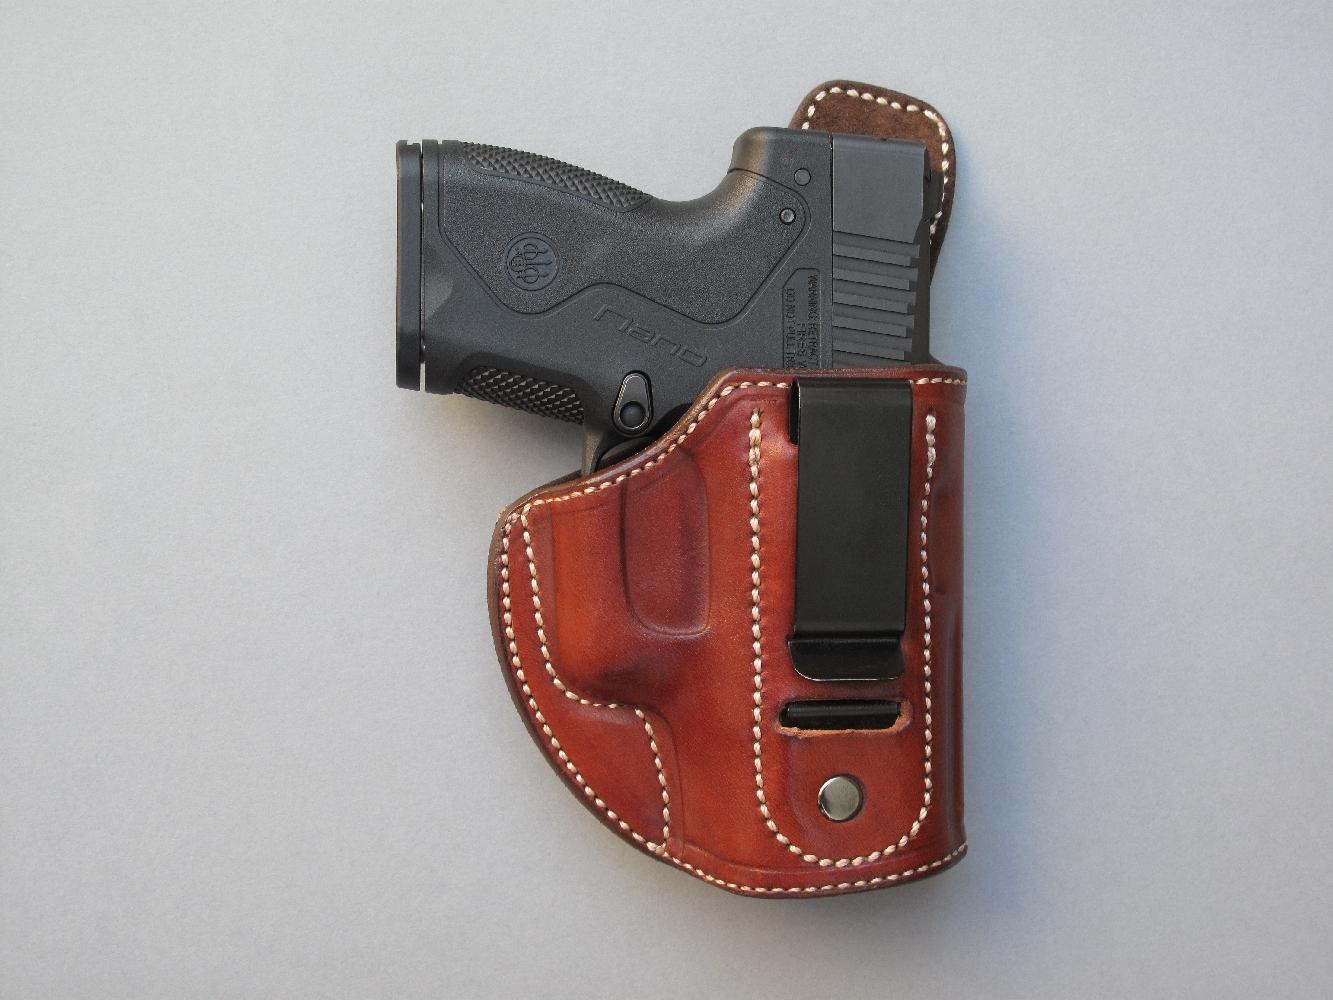 """Pistolet Beretta """"Nano"""", glissé dans un holster en cuir de type """"Inside"""", muni d'un clip, d'un renfort interne de carcasse en acier inoxydable et doublé intérieurement en croûte velours (La Sellerie du Thymerais)."""